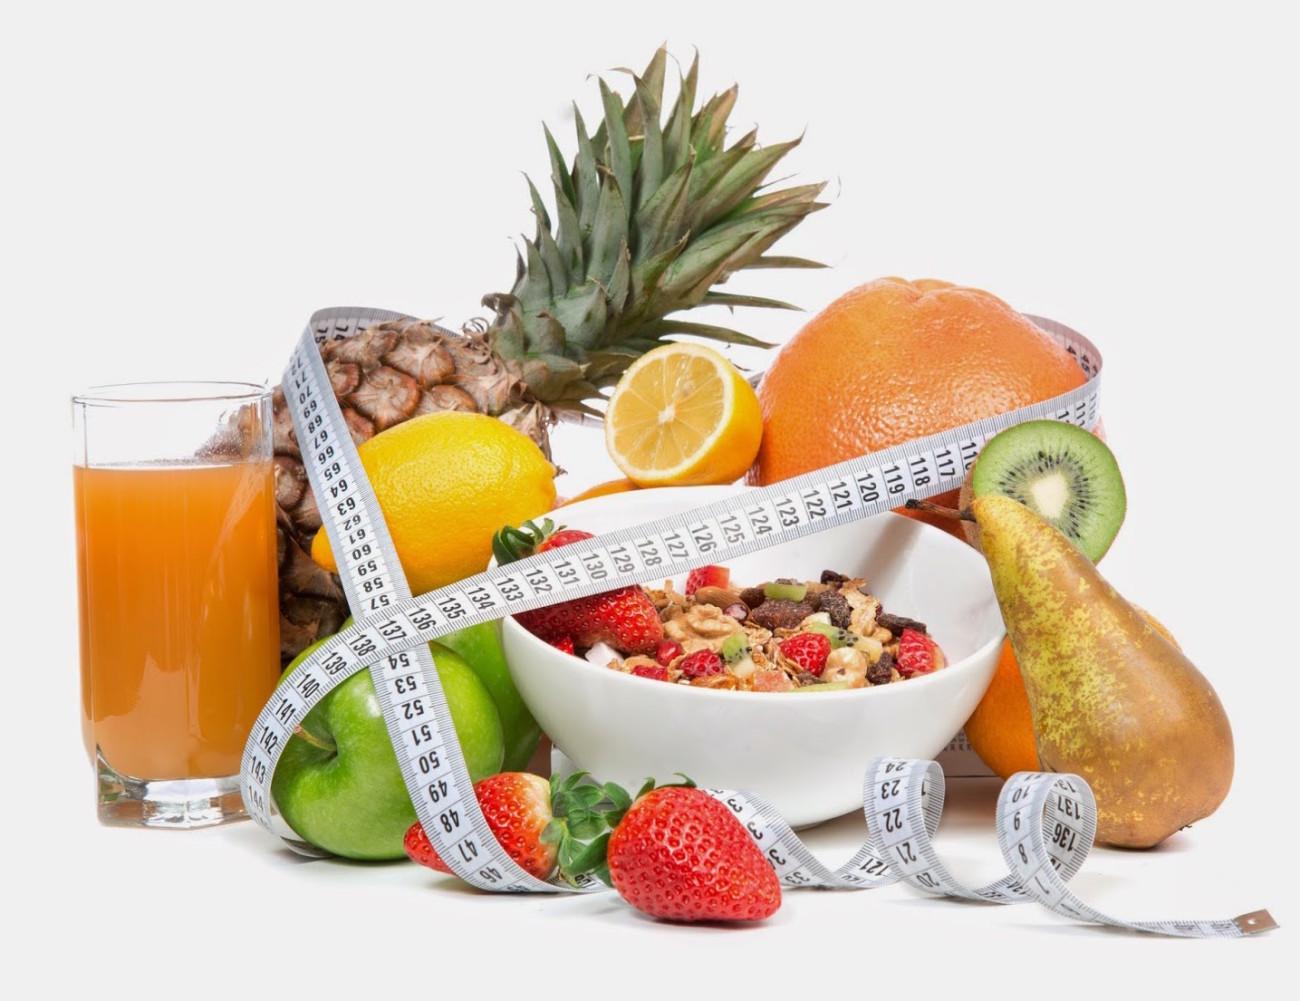 Питание Для Здорового Похудения. Питание для похудения — меню на неделю